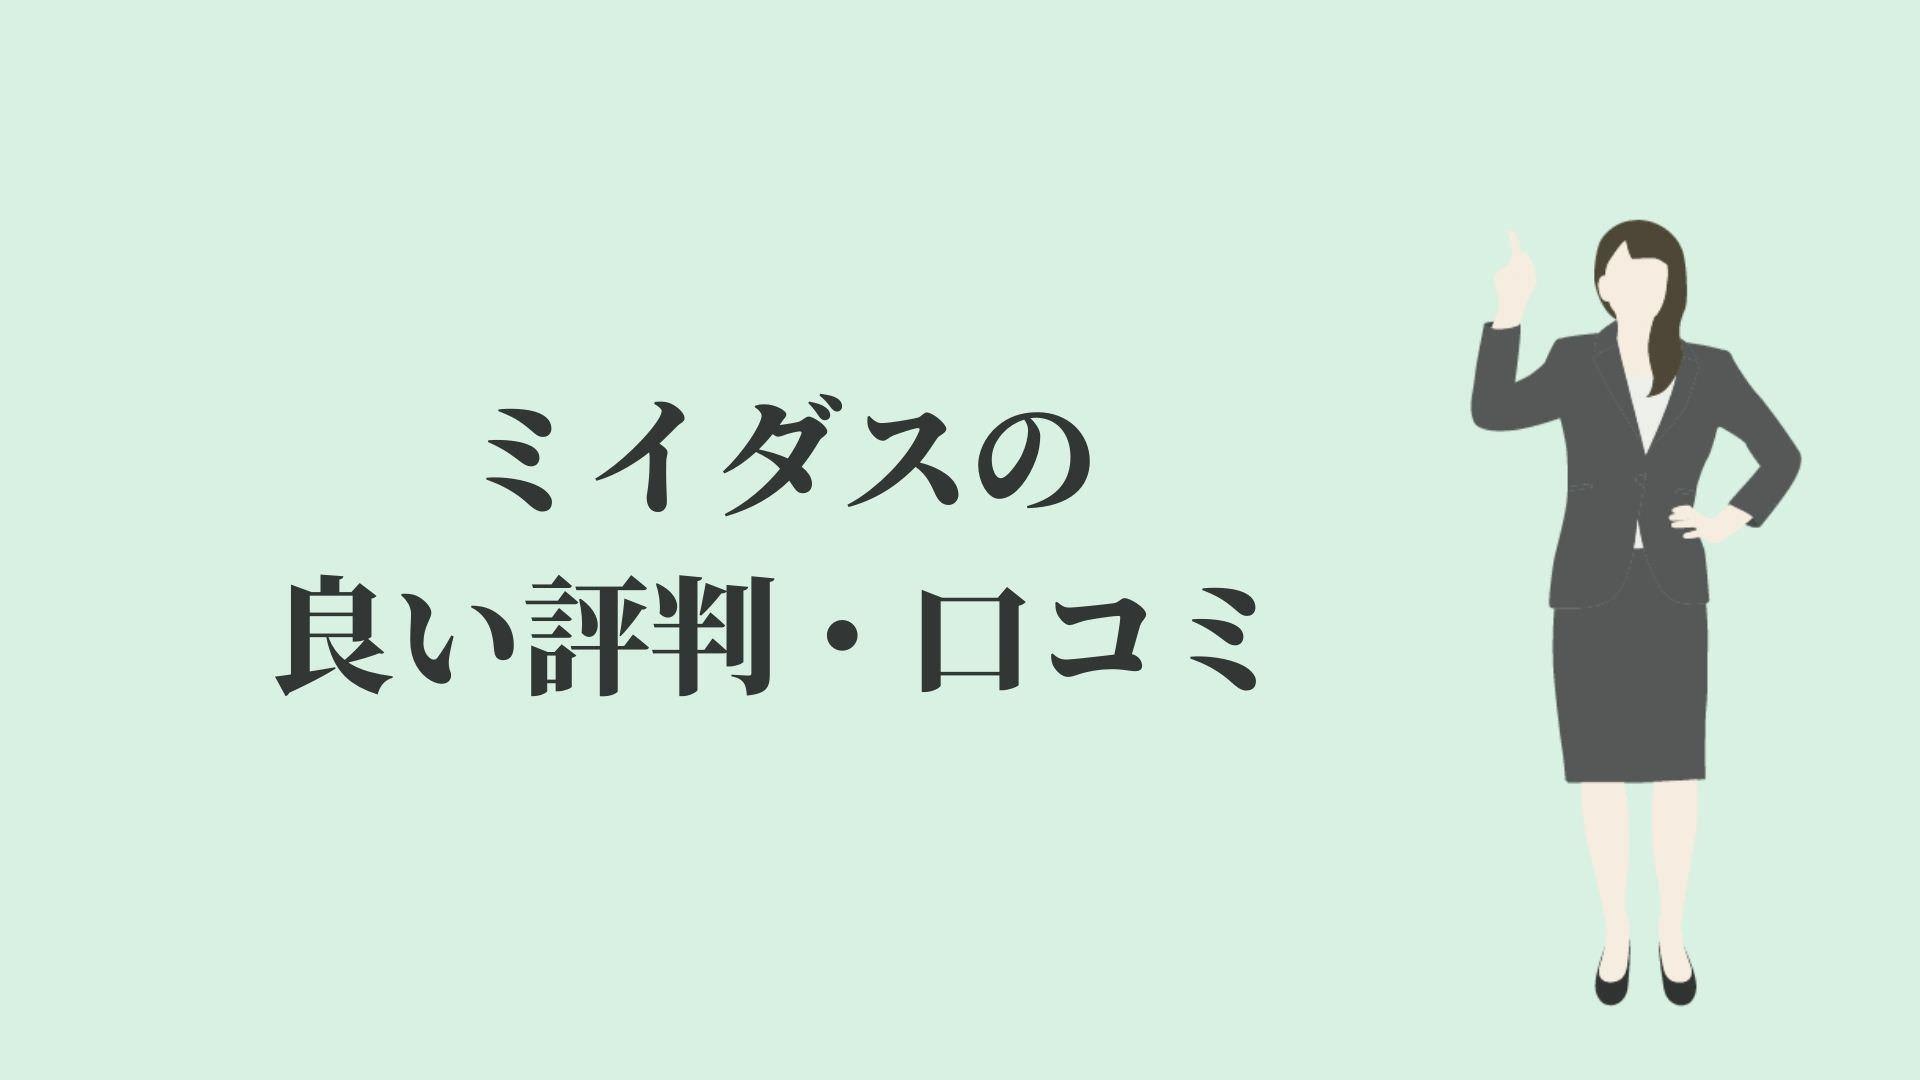 ミイダス(Miidas)の良い評判・口コミ